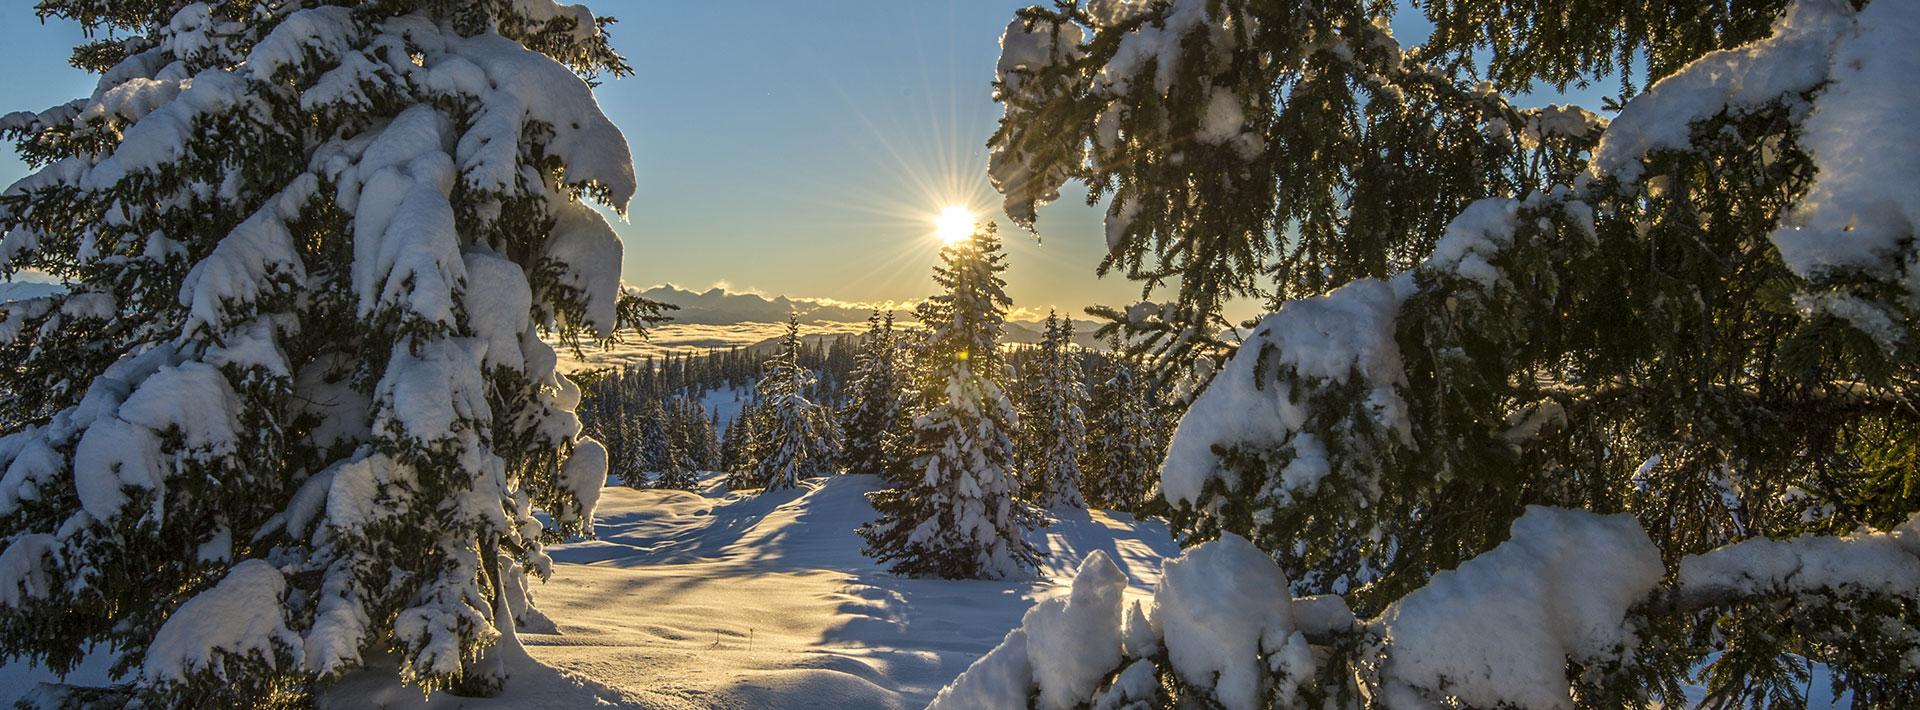 Winterurlaub & Skiurlaub in Radstadt, Salzburger Land